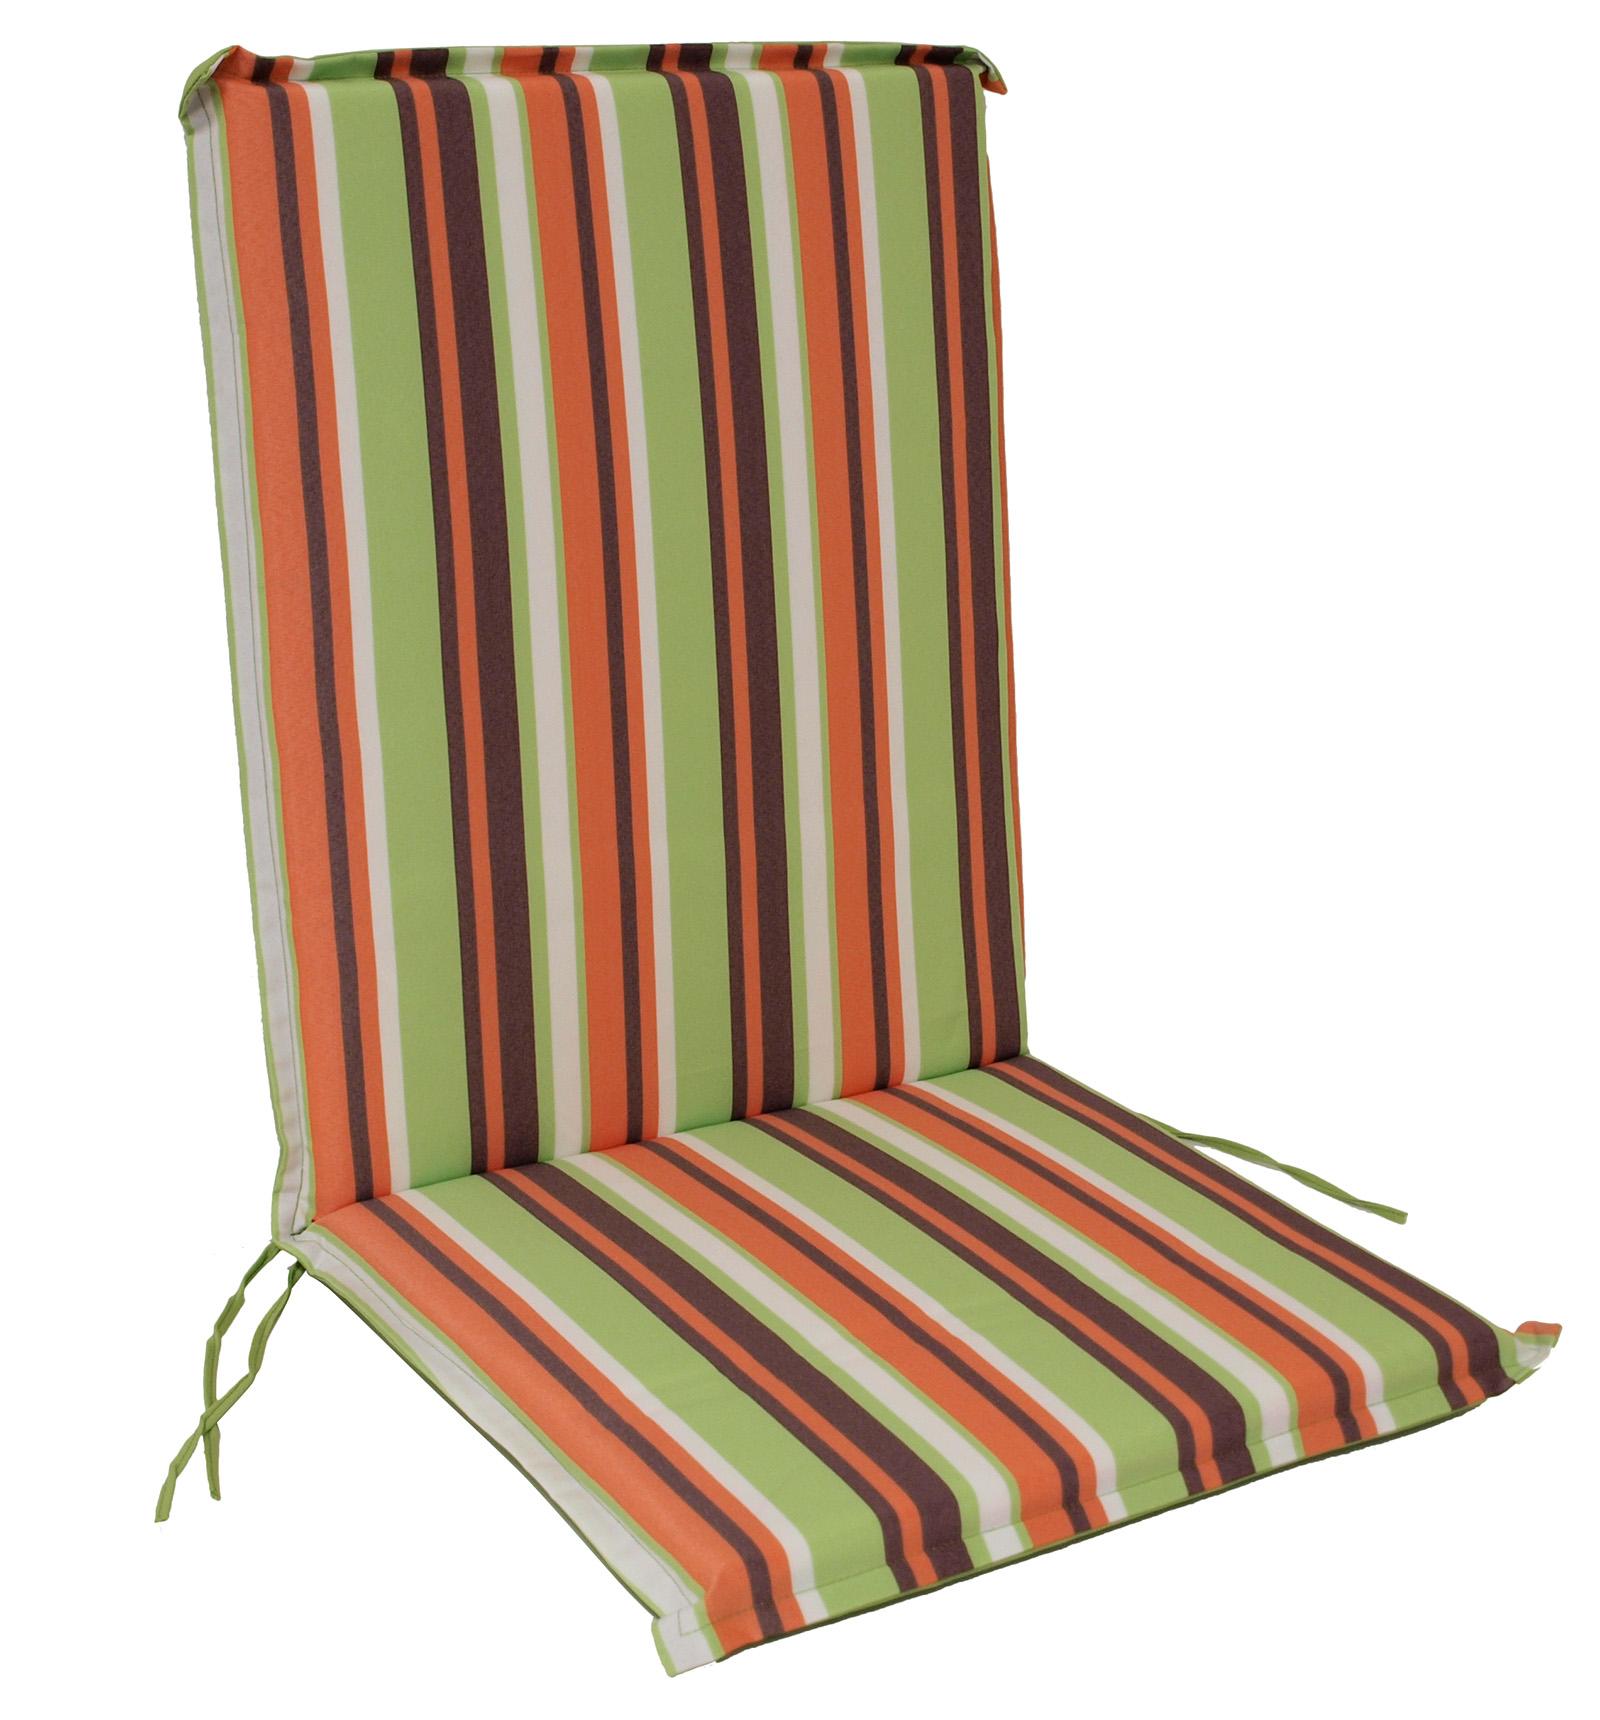 Auflage CAIRO für Stuhl, grün/orange gestreift, 2 Stück